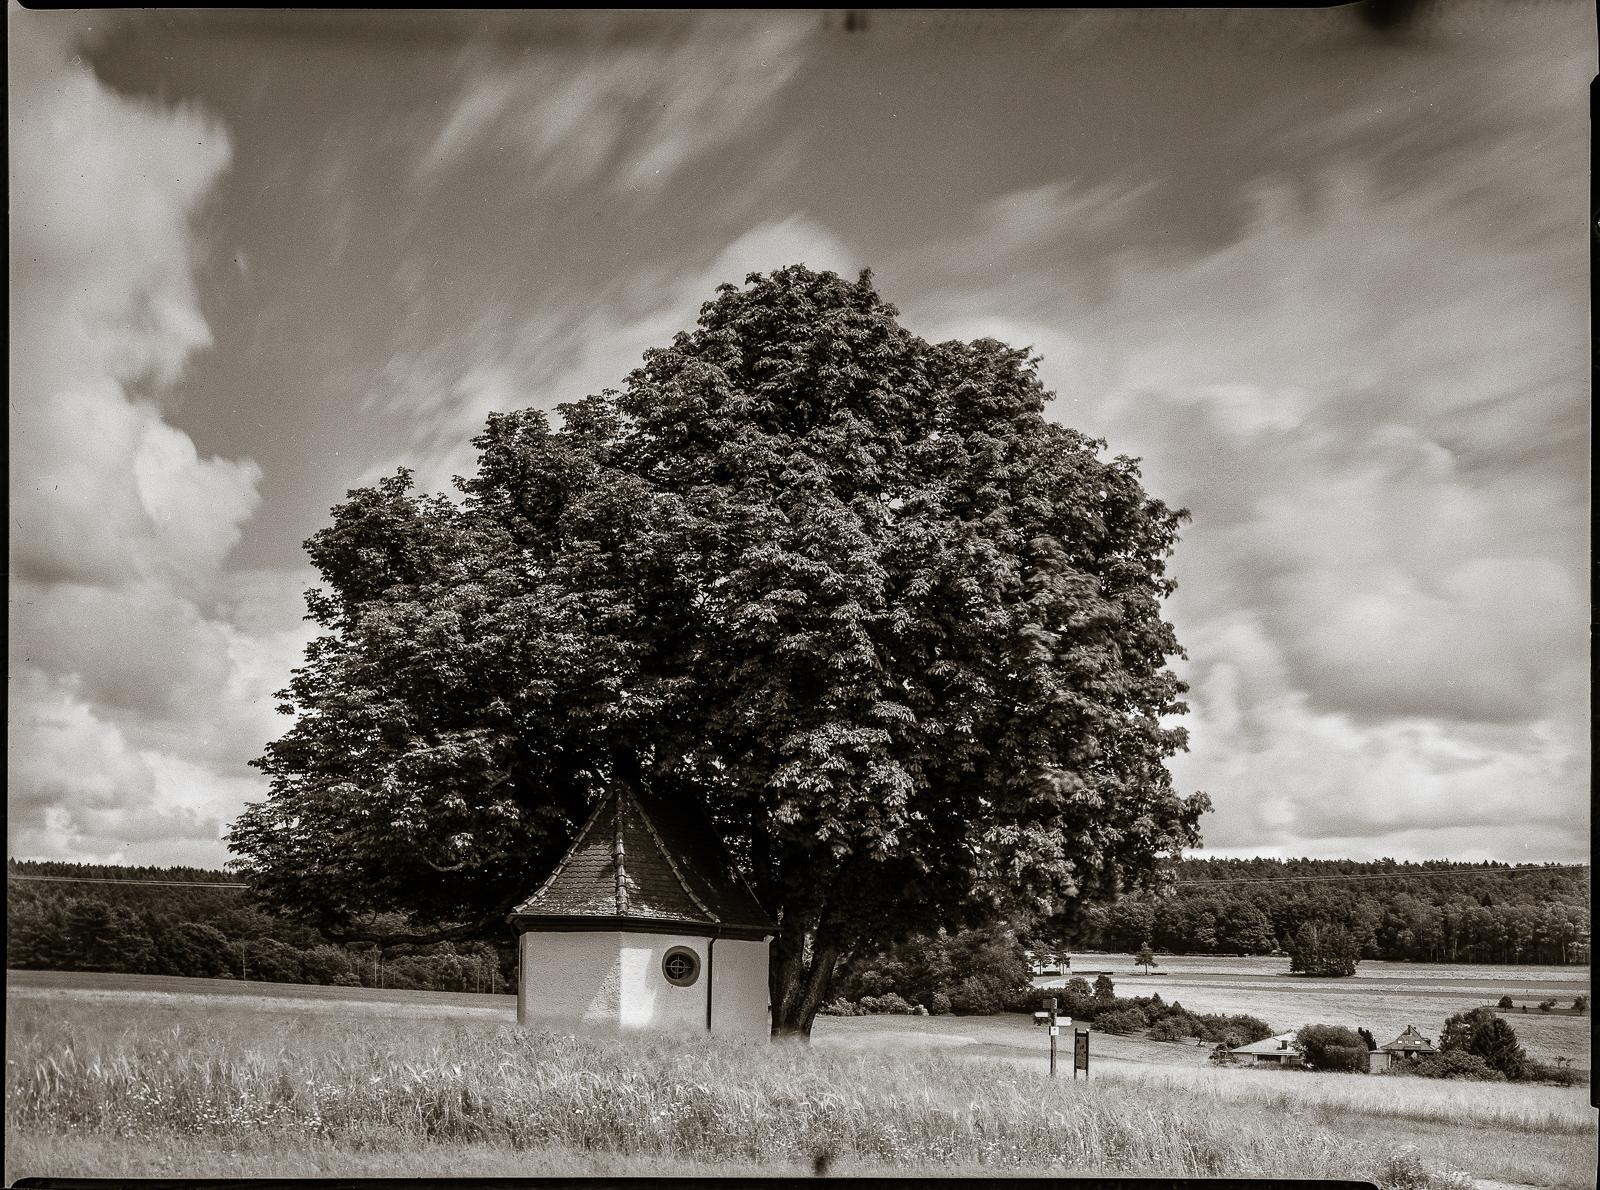 Kapelle unter Bäumen, engerer Ausschnitt